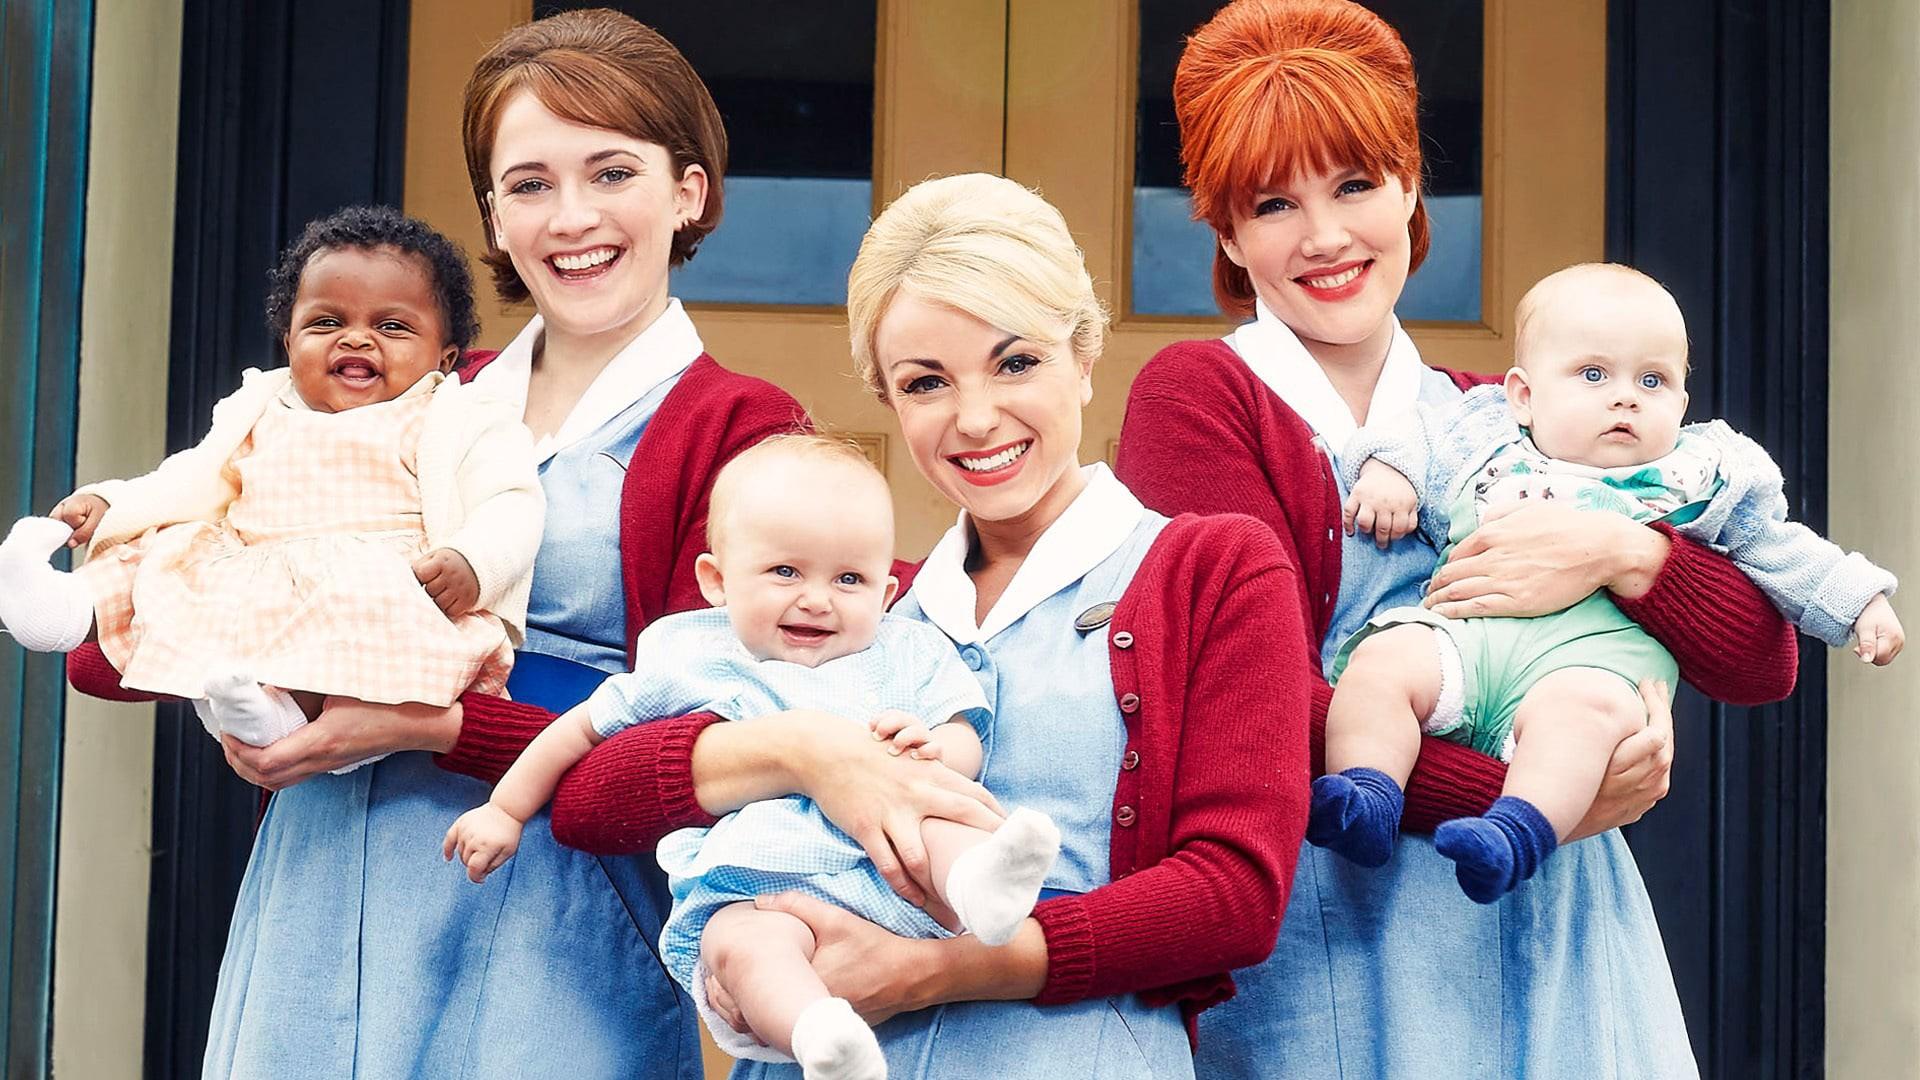 Call The Midwife Season 9 Episode 7